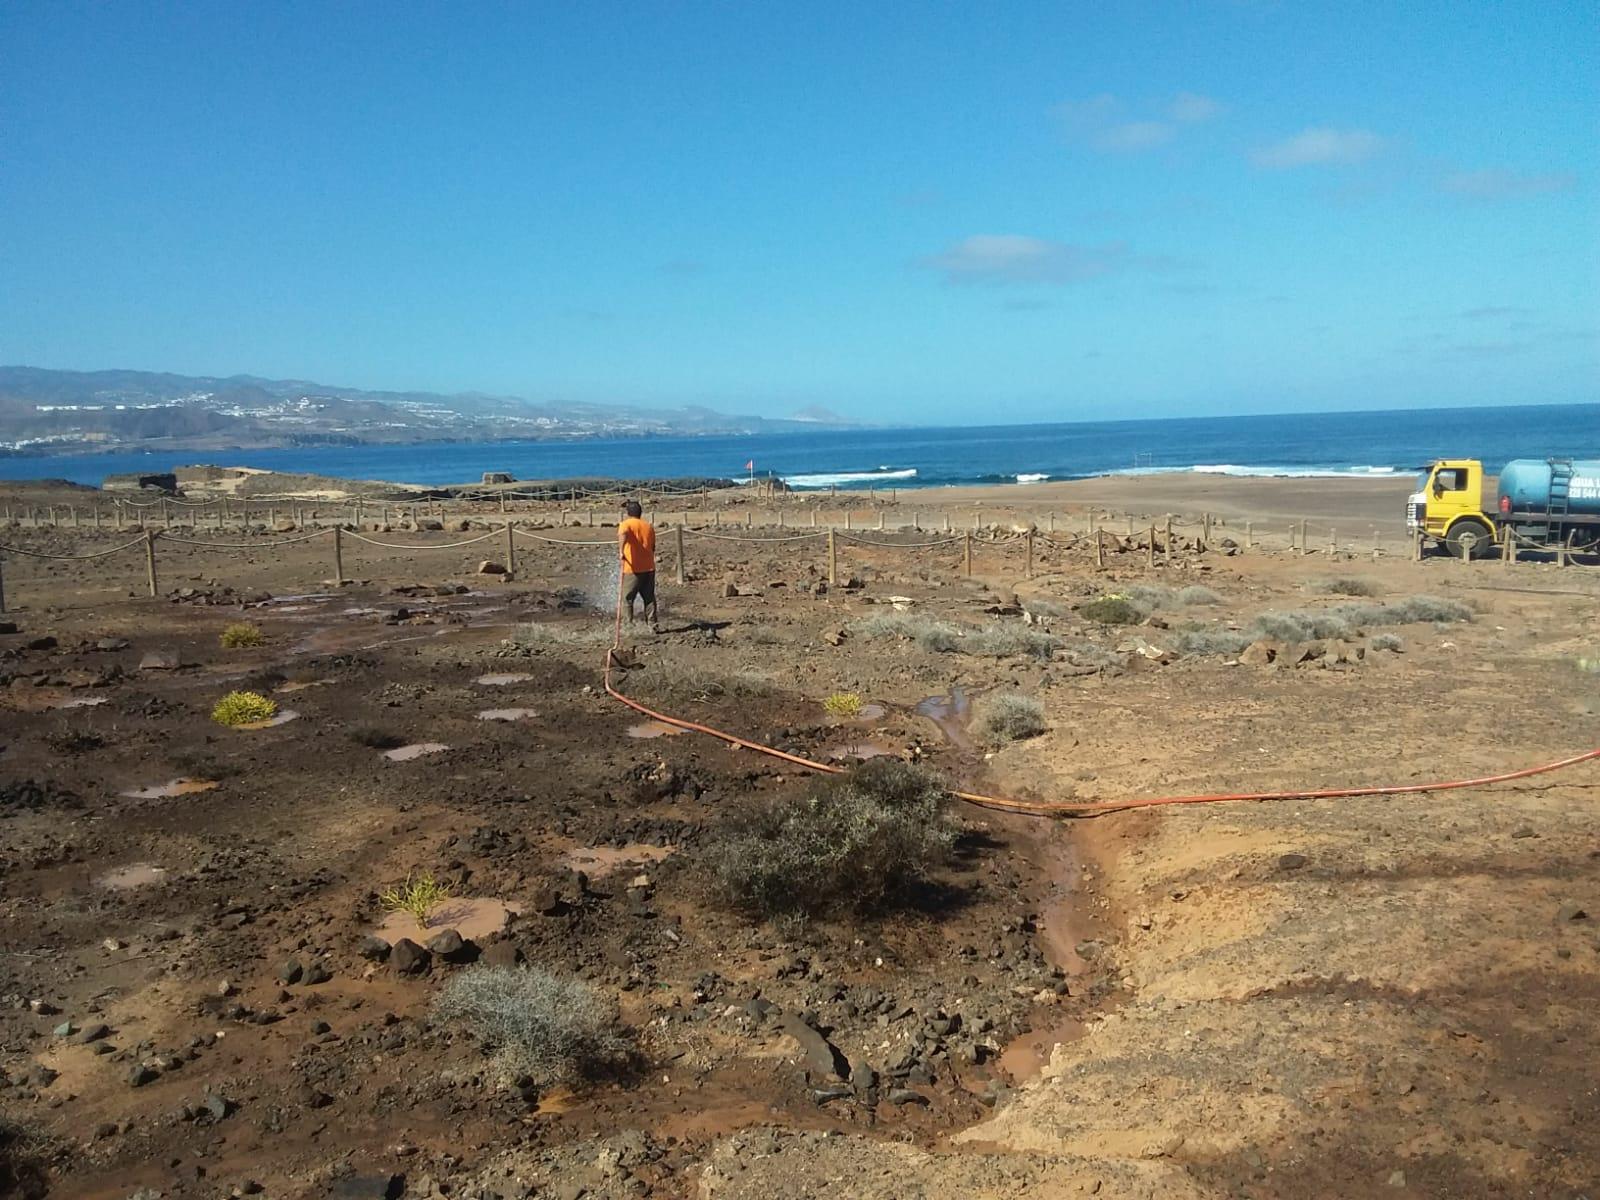 La Isleta. Las Palmas de Gran Canaria